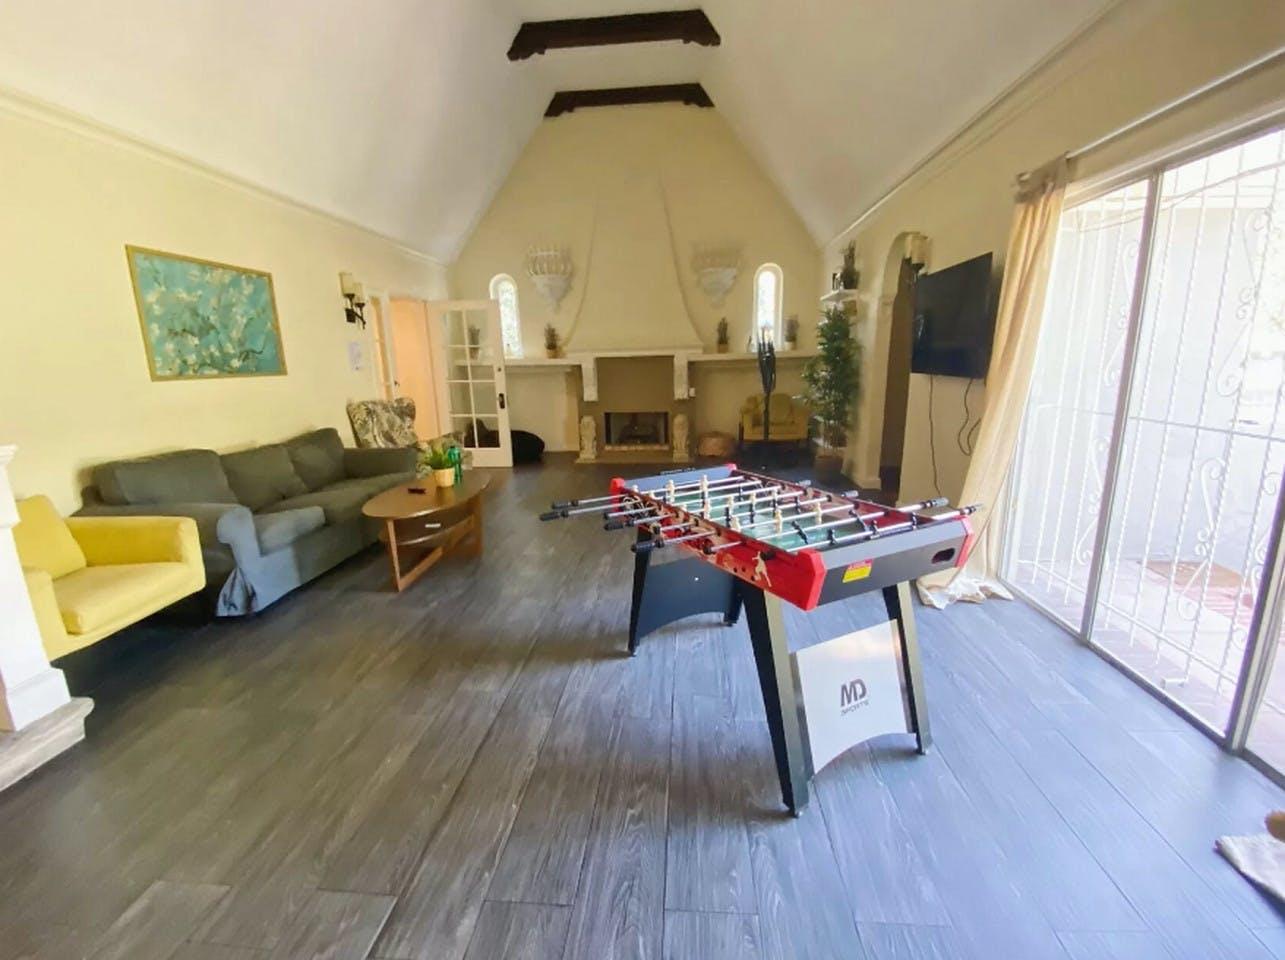 Vibrant Amazing House Incl. Photo Studio